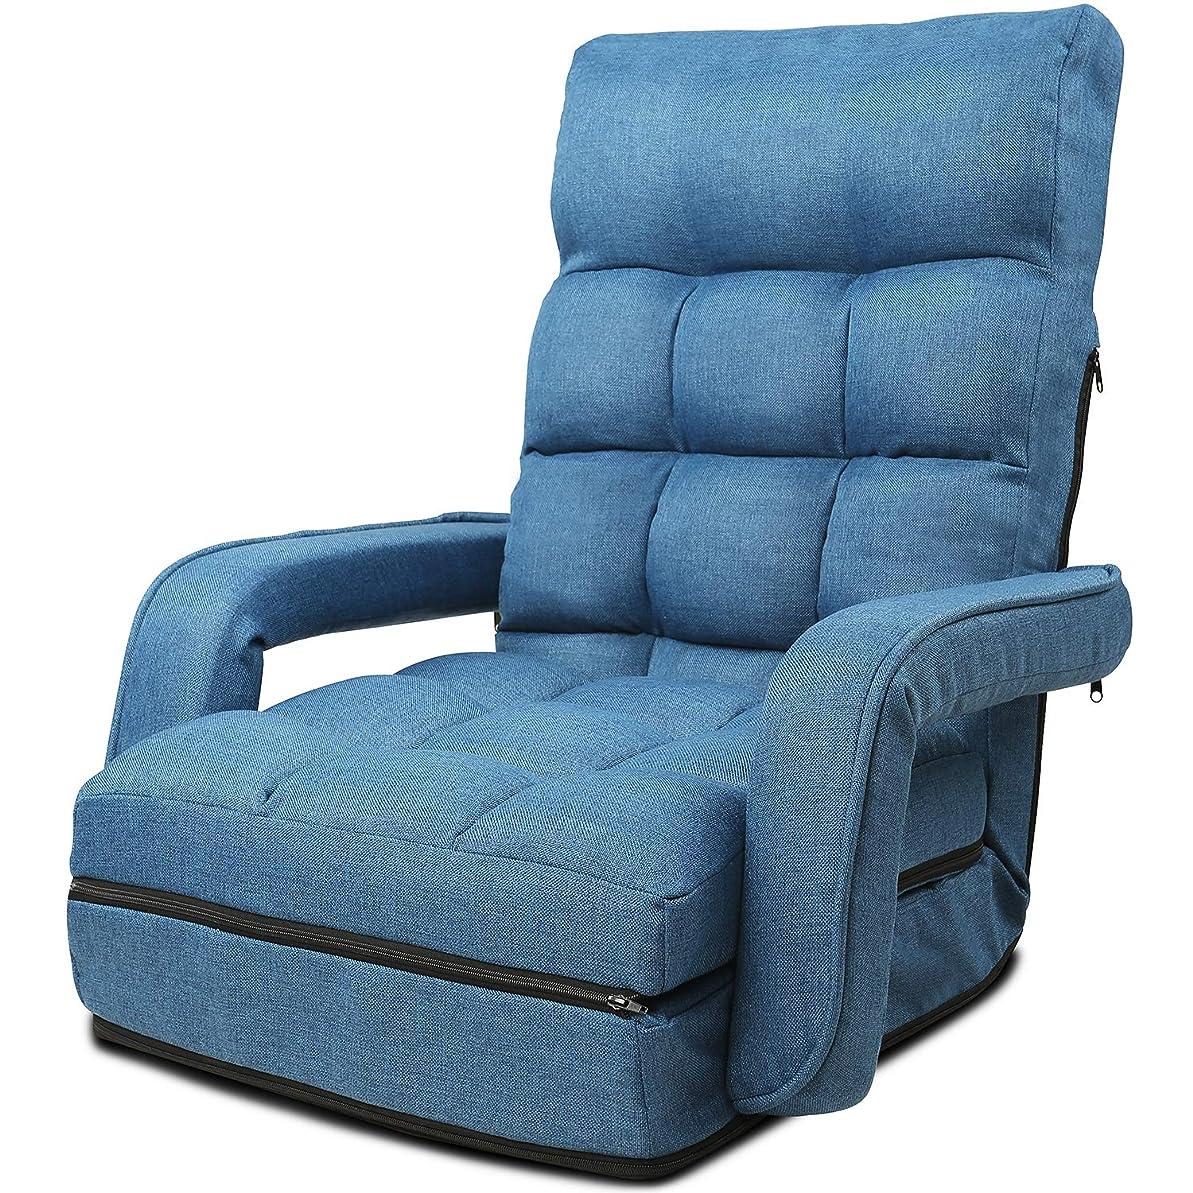 トラップ反対したペースWLIVE 座椅子 ソファベッド ひじ掛け付き 肘掛け連動 3WAY 折り畳み ハイバック 42段階リクライニング 一人掛け リクライニングチェア ふあふあフロアチェア 低反発ウレタン 静電気防止生地 幅50cm 一人暮らし ブルー MF0043A